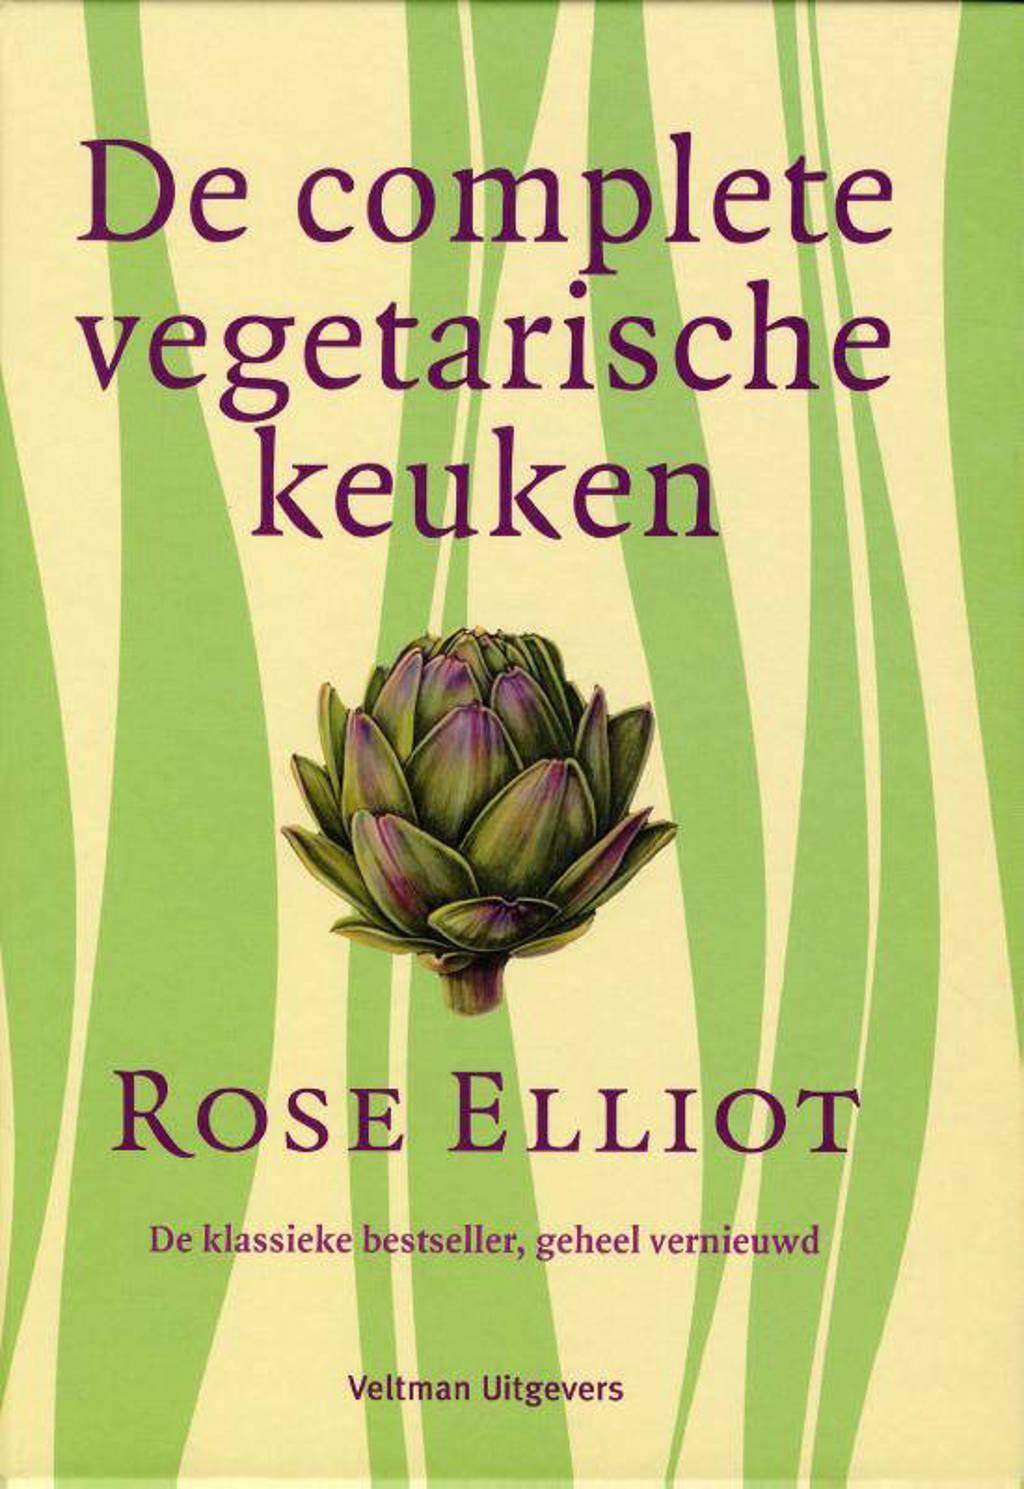 De complete vegetarische keuken - Rose Elliot